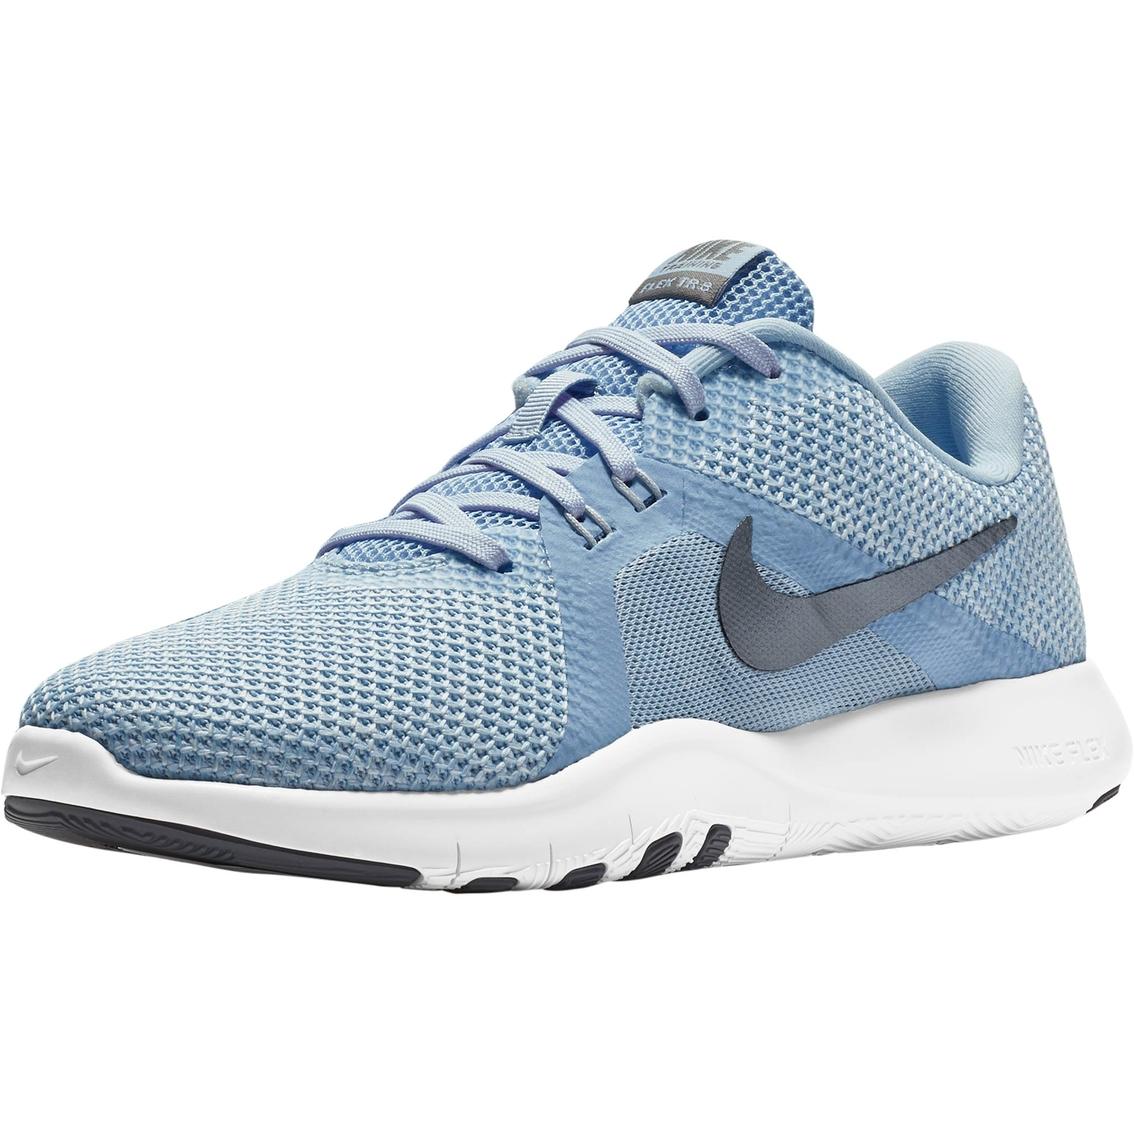 692b7c641bc23 Nike Women s Flex Tr8 Training Shoes